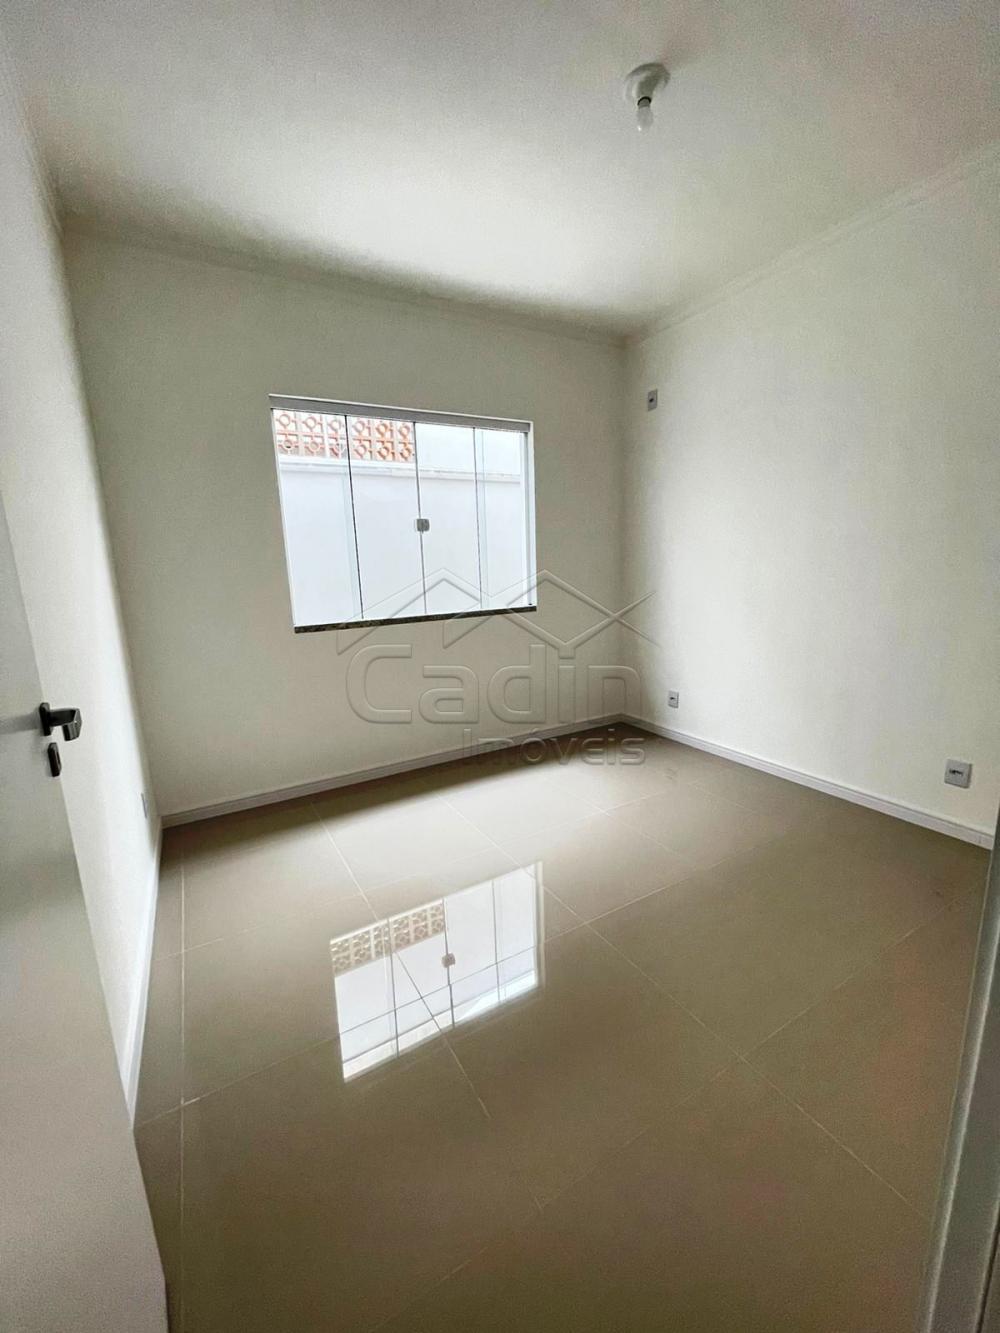 Comprar Casa / Geminada em Navegantes R$ 385.000,00 - Foto 11